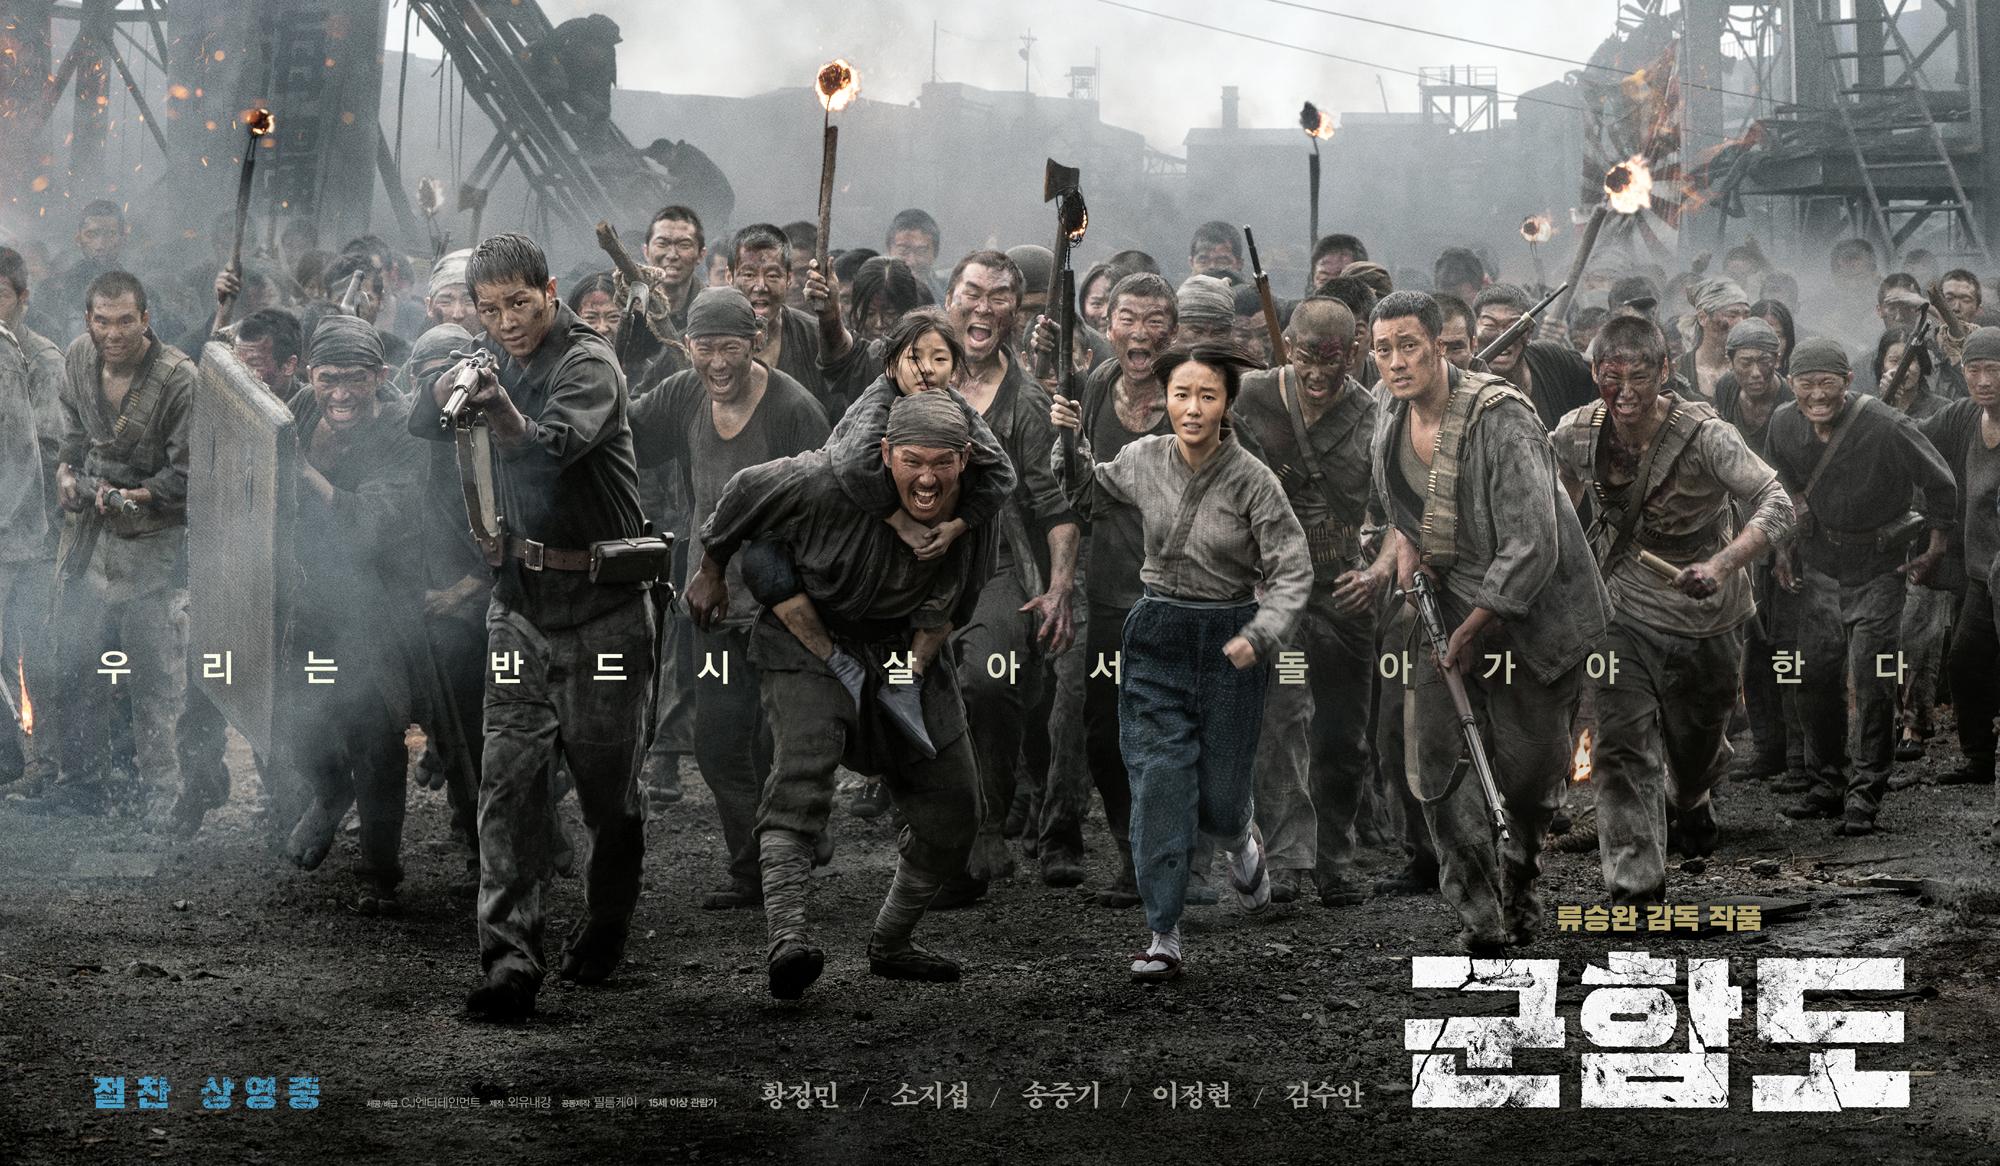 영화 군함도 추가 포스터